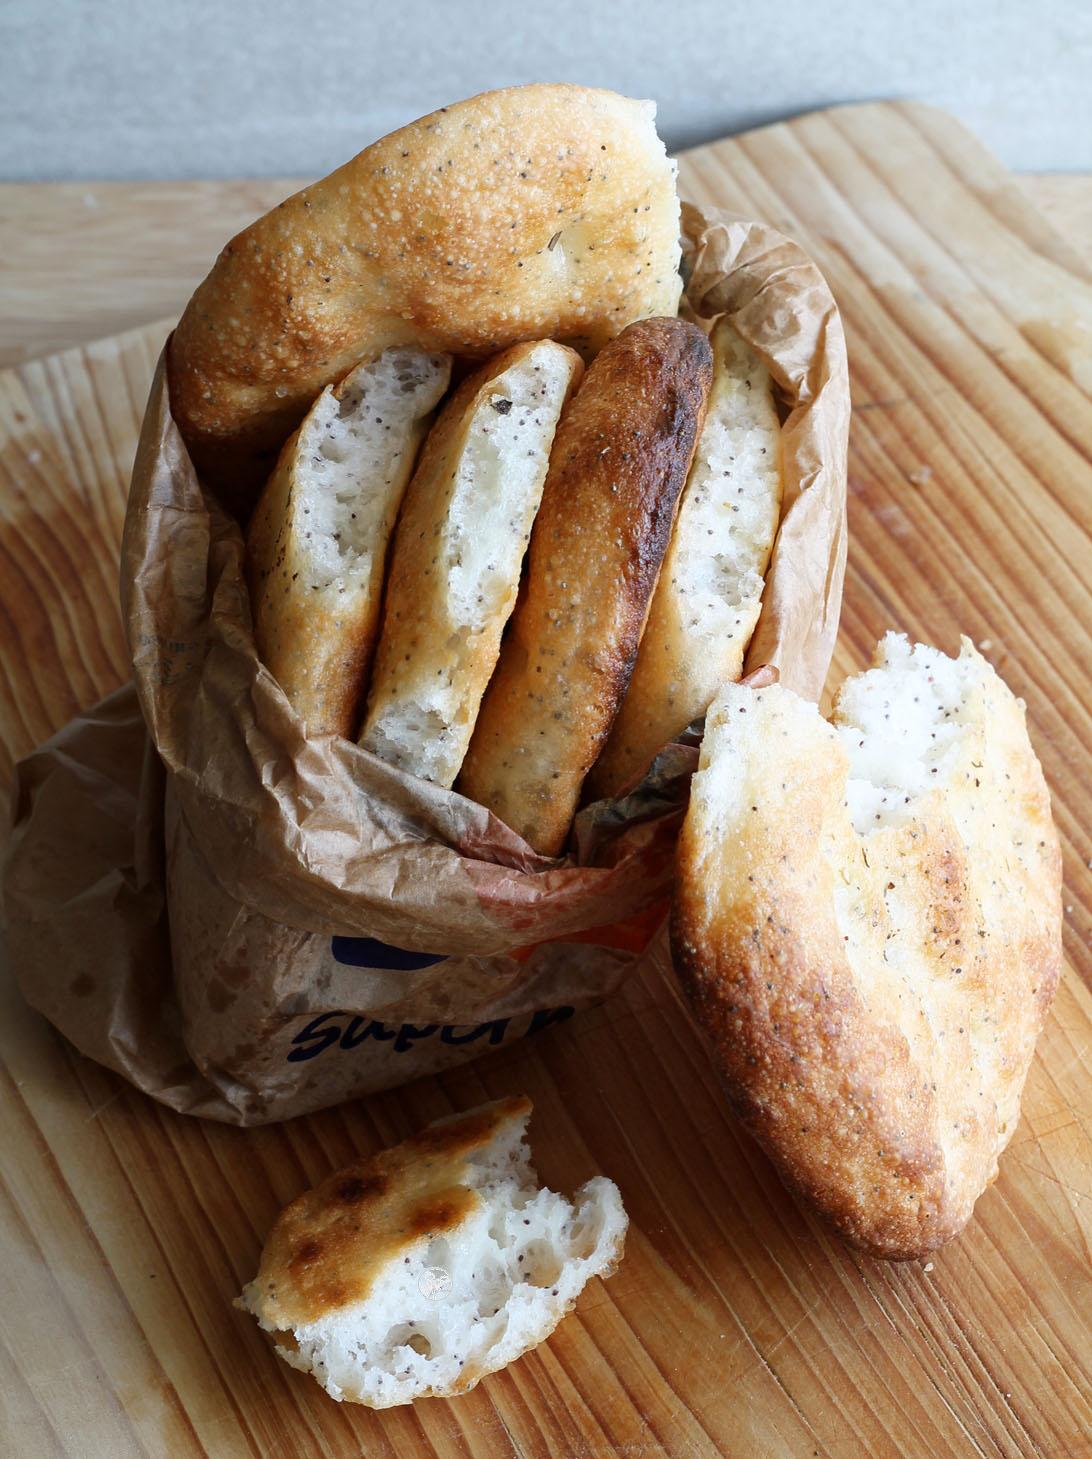 Mini focaccia sans gluten au kefir et aux grains de pavot - La Cassata Celiaca